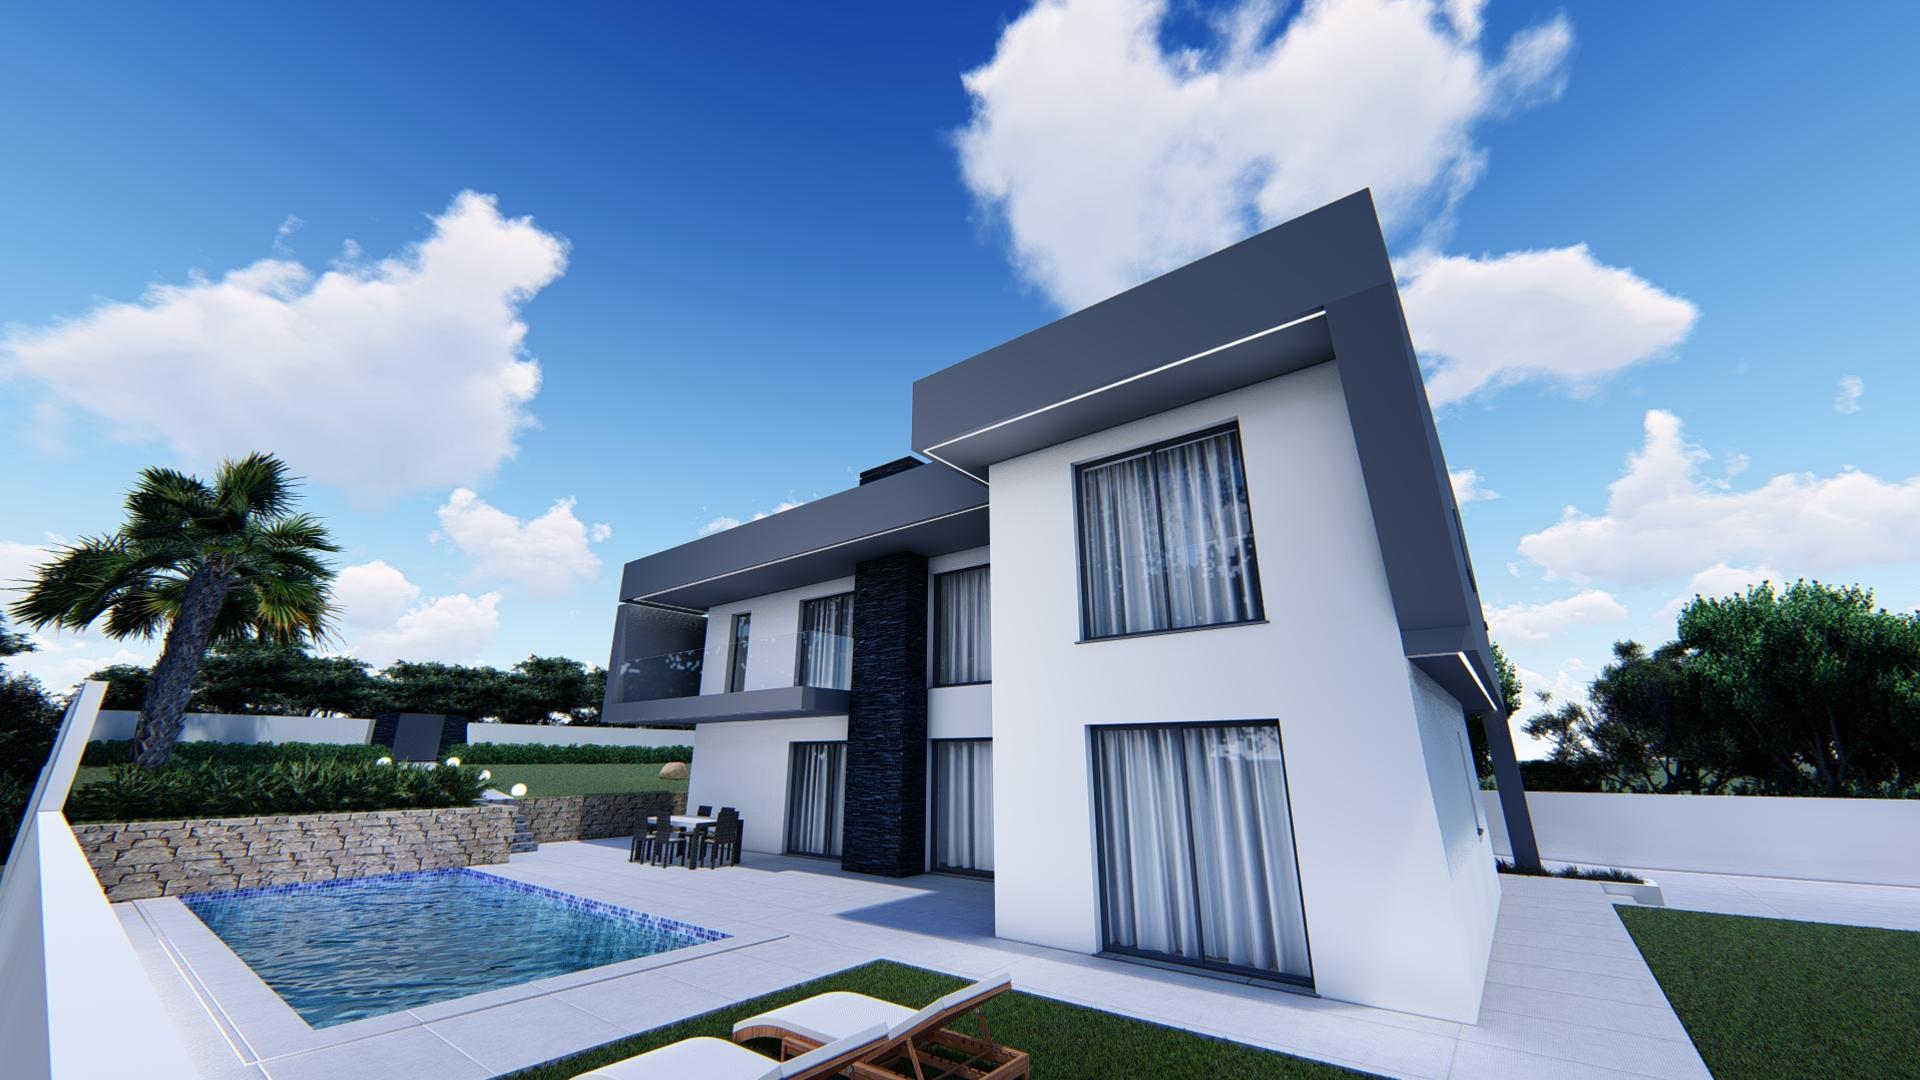 Náš portugalský domov ❤️🏡 - Obrázok č. 2